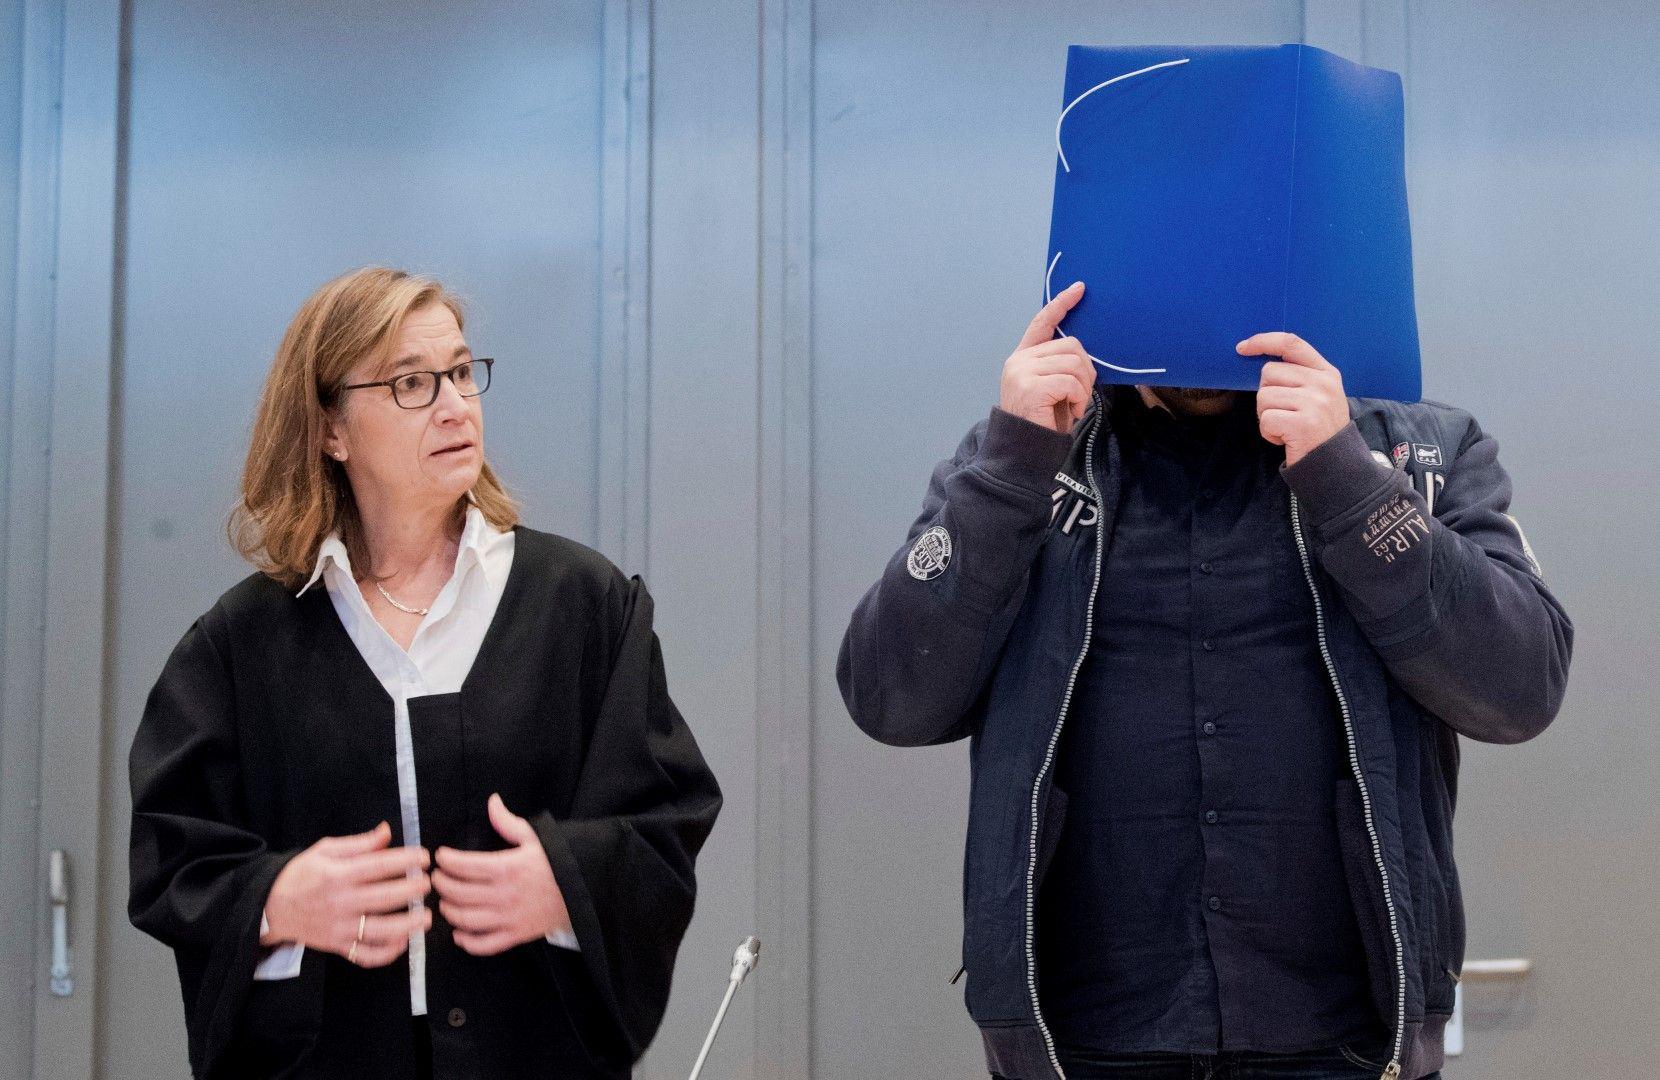 Обвиняемият Хьогел прикрива лицето си пред съда